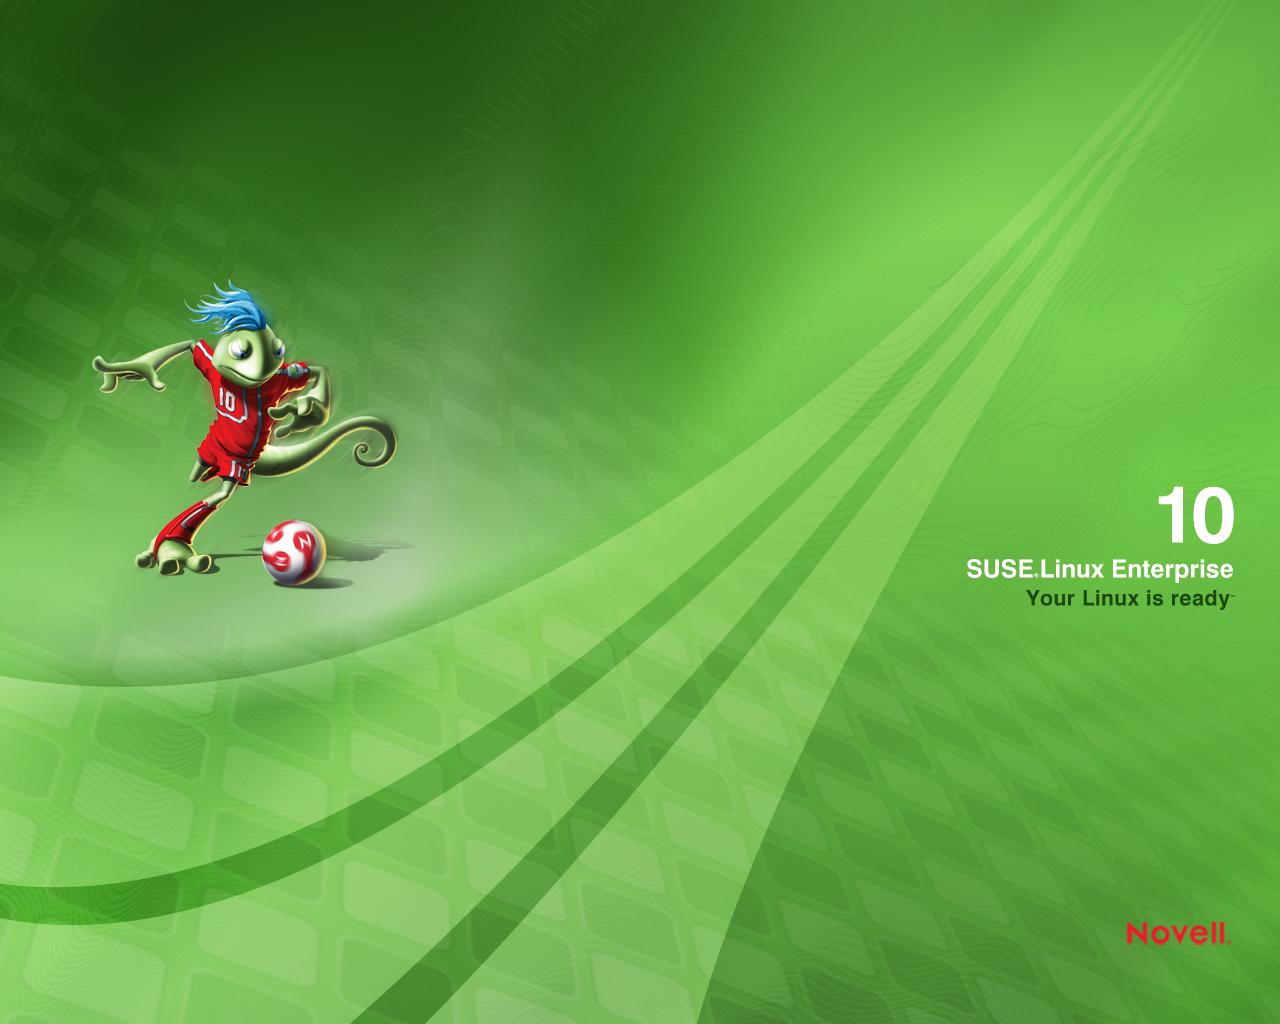 http://4.bp.blogspot.com/_gx7OZdt7Uhs/TQzBT-MkEZI/AAAAAAAAFbc/n5c6QMmQKpQ/s1600/Wallpaper+Desktop+greeny+pic.jpg